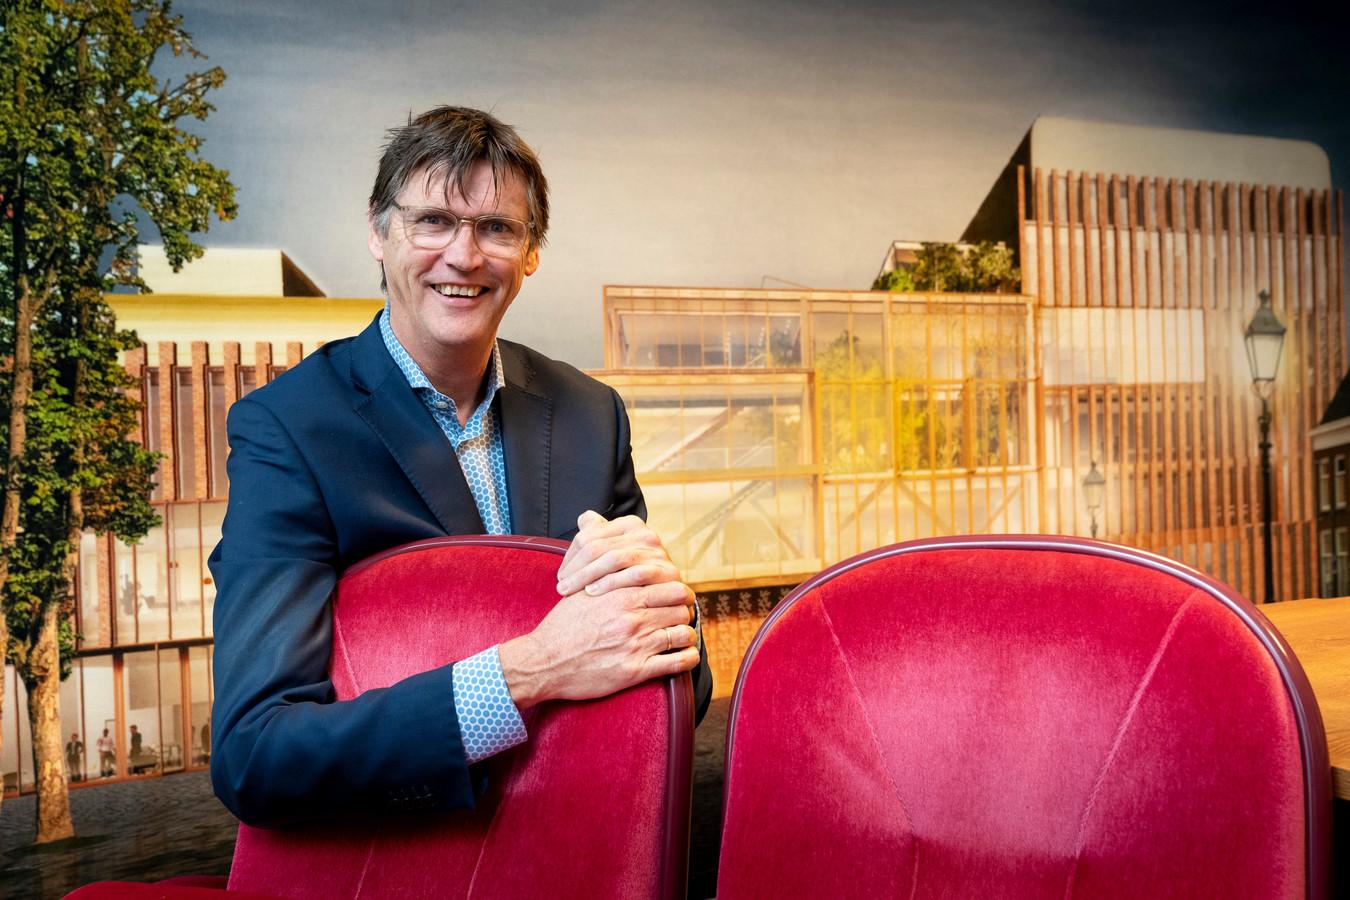 Directeur Alex Kühne van Theater aan de Parade in zijn tijdelijk kantoor, met aan de wand de nieuwebouw aan de Parade.